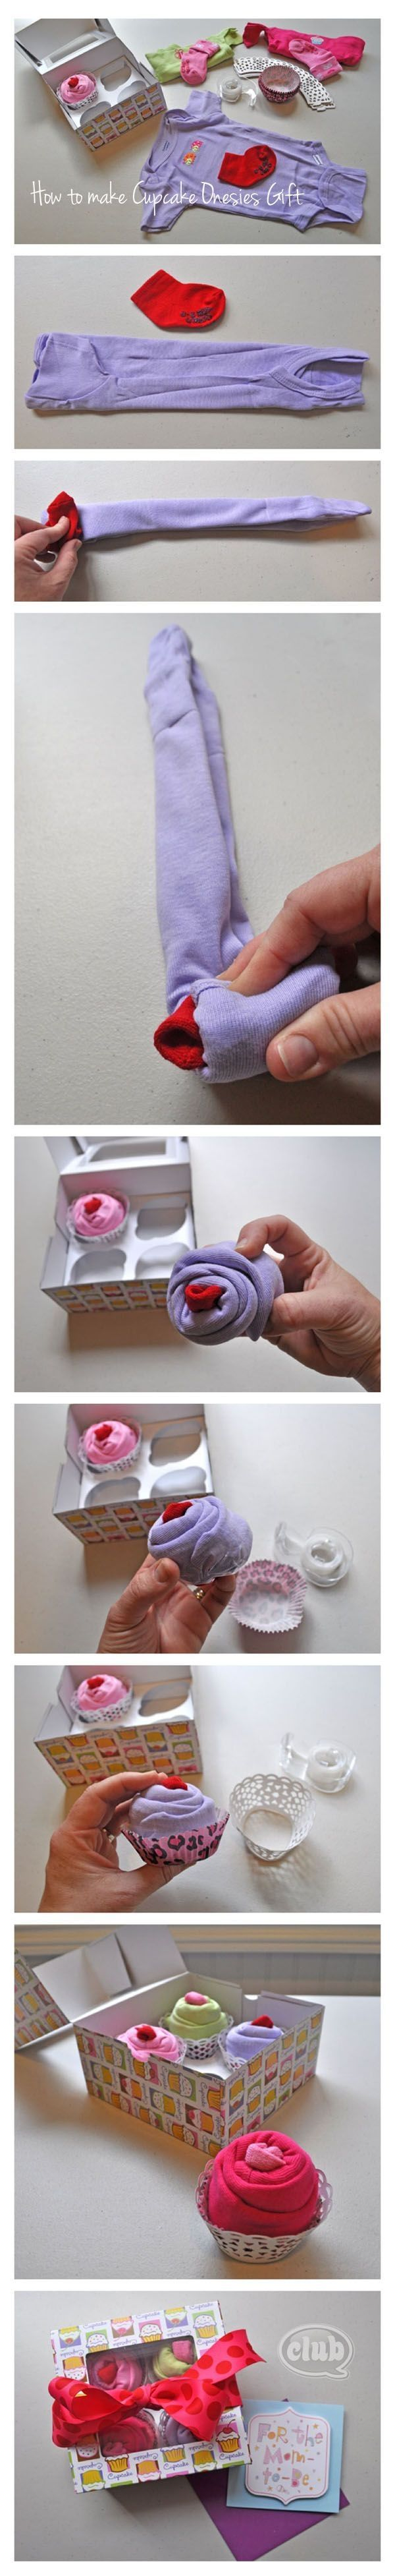 DIY Cupcake Onesies Gift